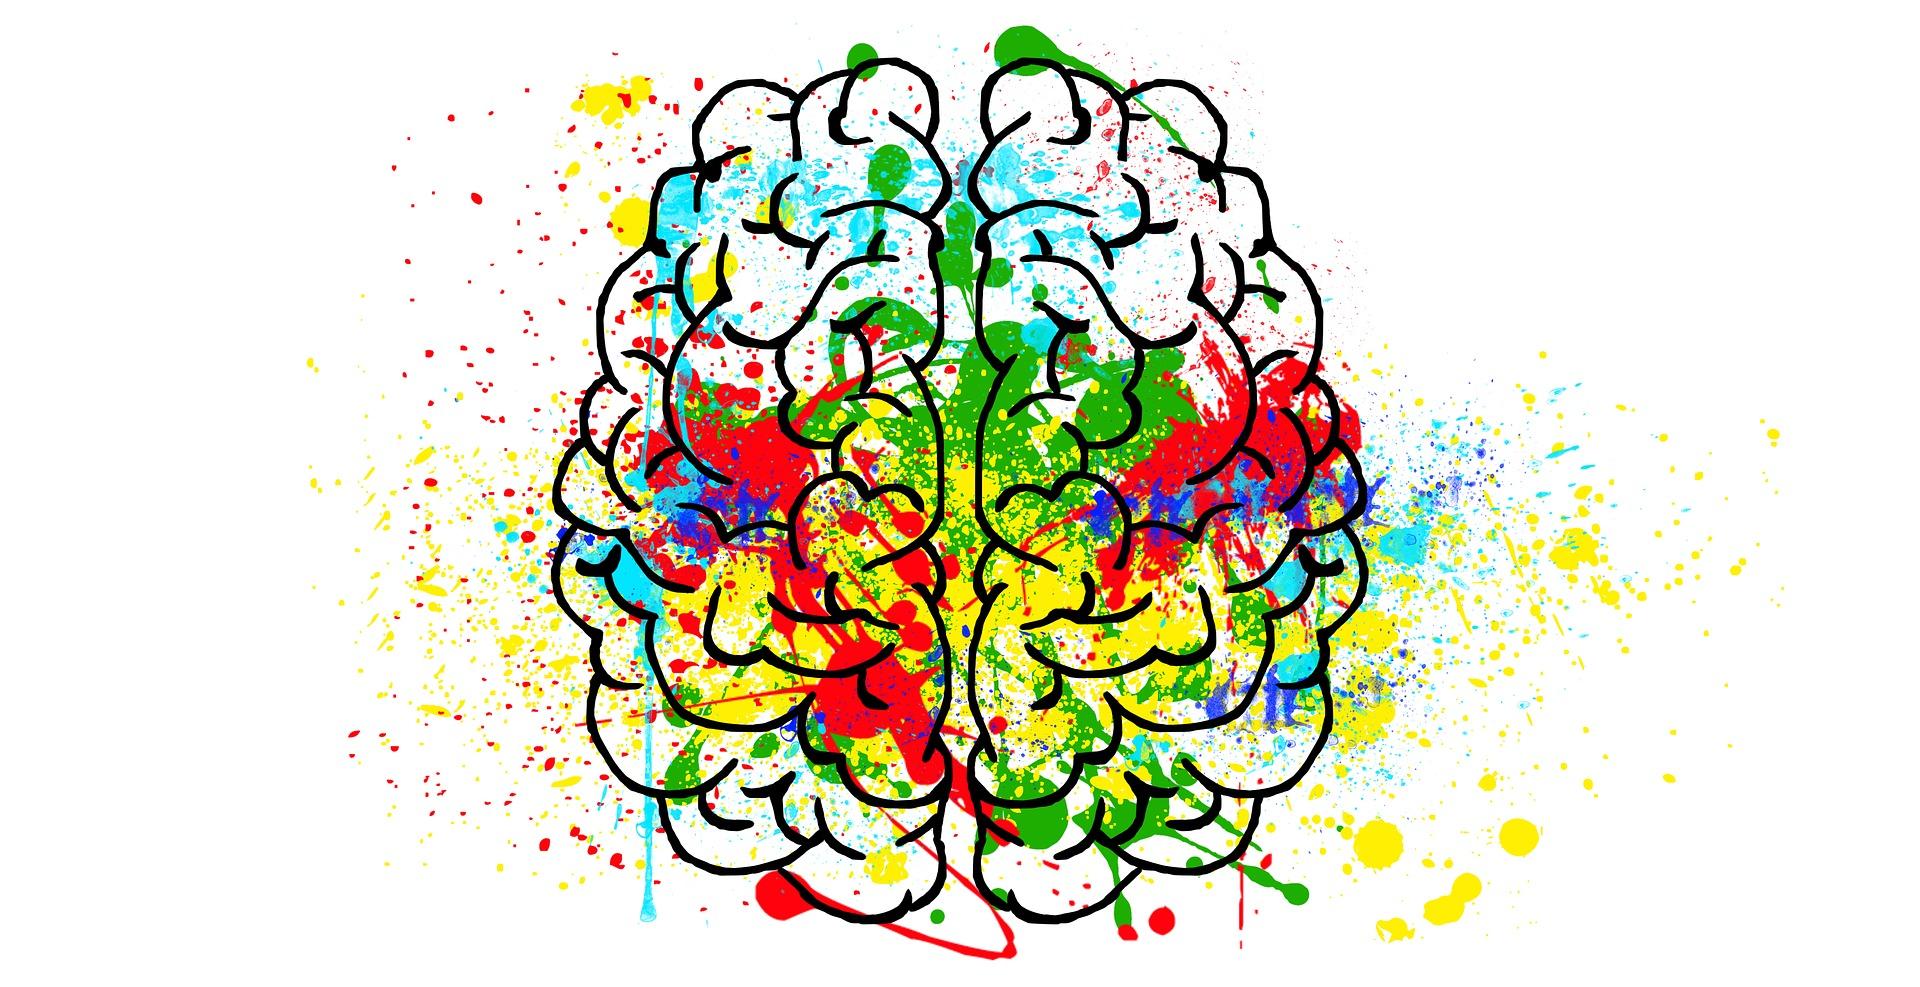 Gehirn mit Farbe